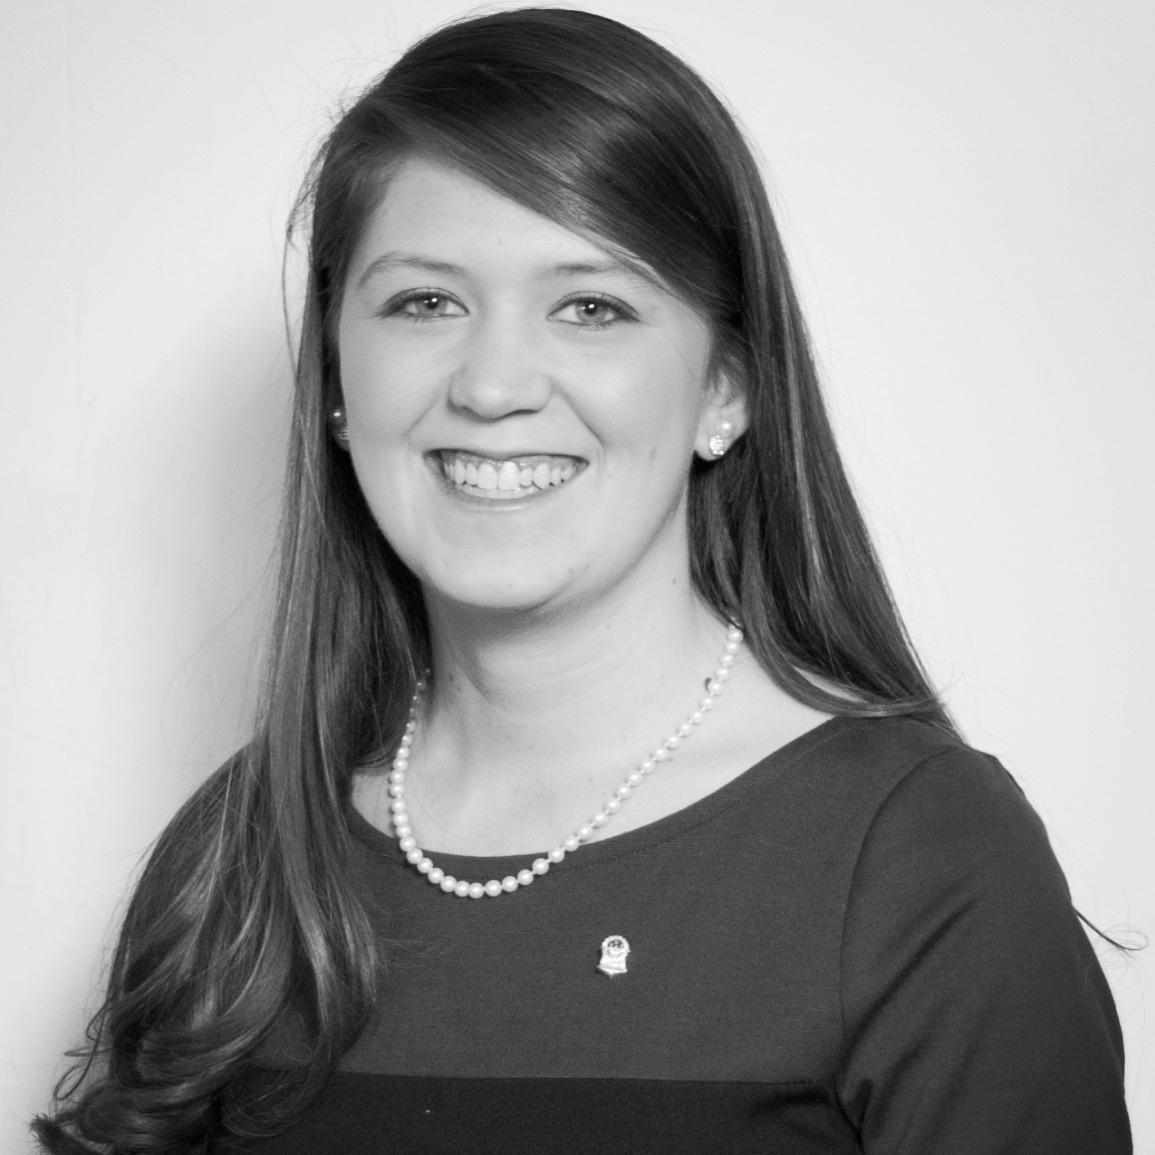 Megan Vansant